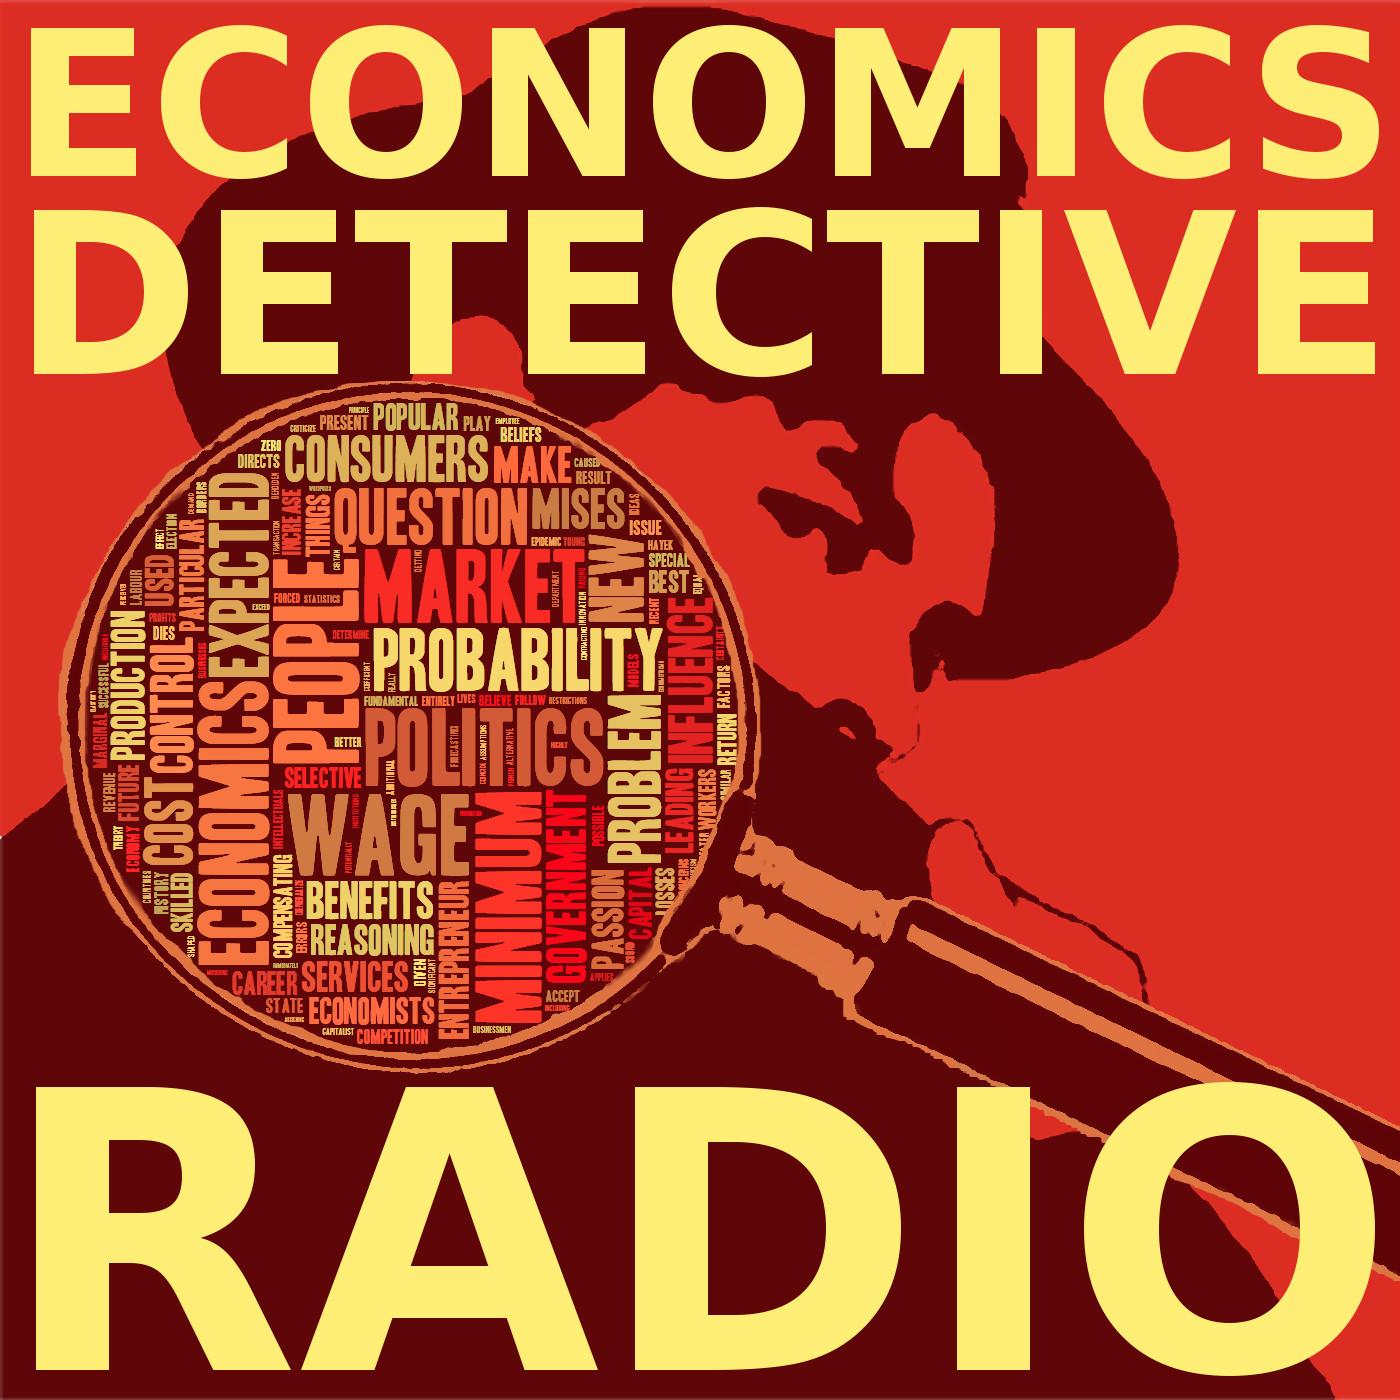 Economics Detective Radio show art